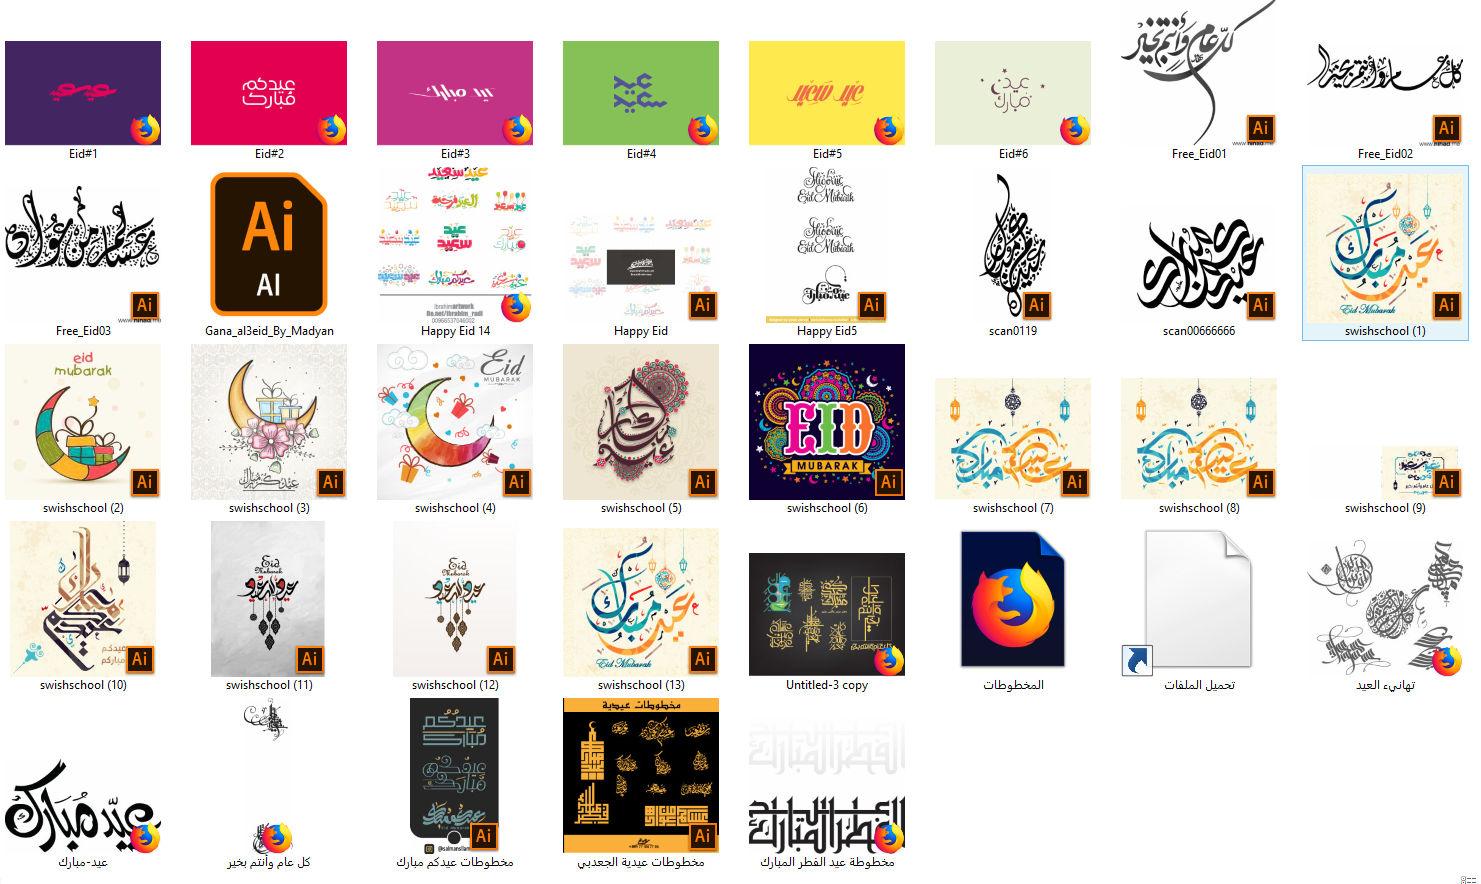 مخطوطات العيد 2 اكبر كولكشن مخطوطات العيد Eid Calligraphy